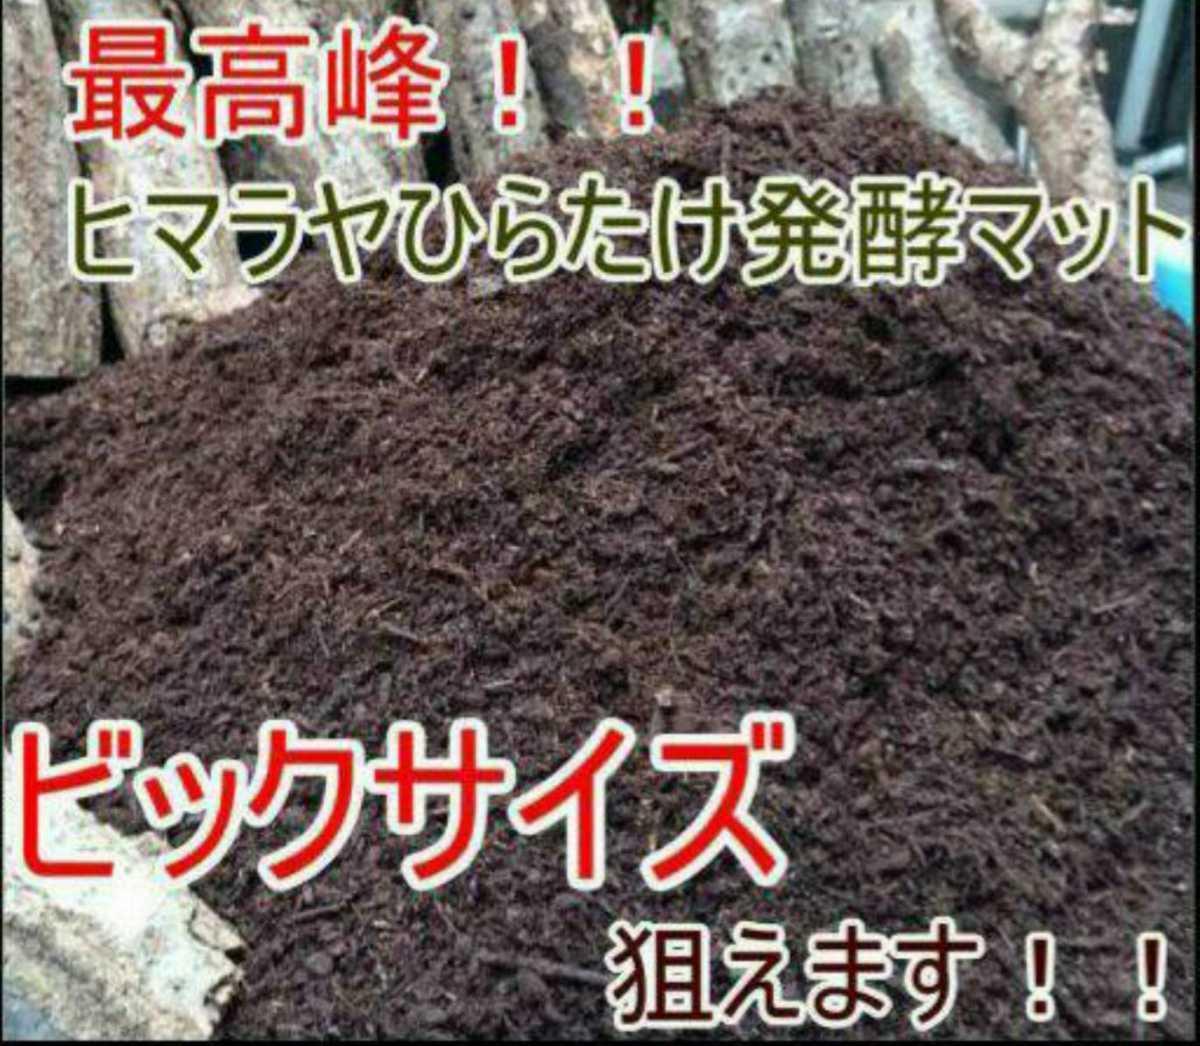 幼虫がビッグサイズになります!ヒマラヤひらたけ菌床発酵マット!栄養価抜群!クヌギ100%原料 幼虫の餌、産卵マットにも抜群の実績あり!_画像2